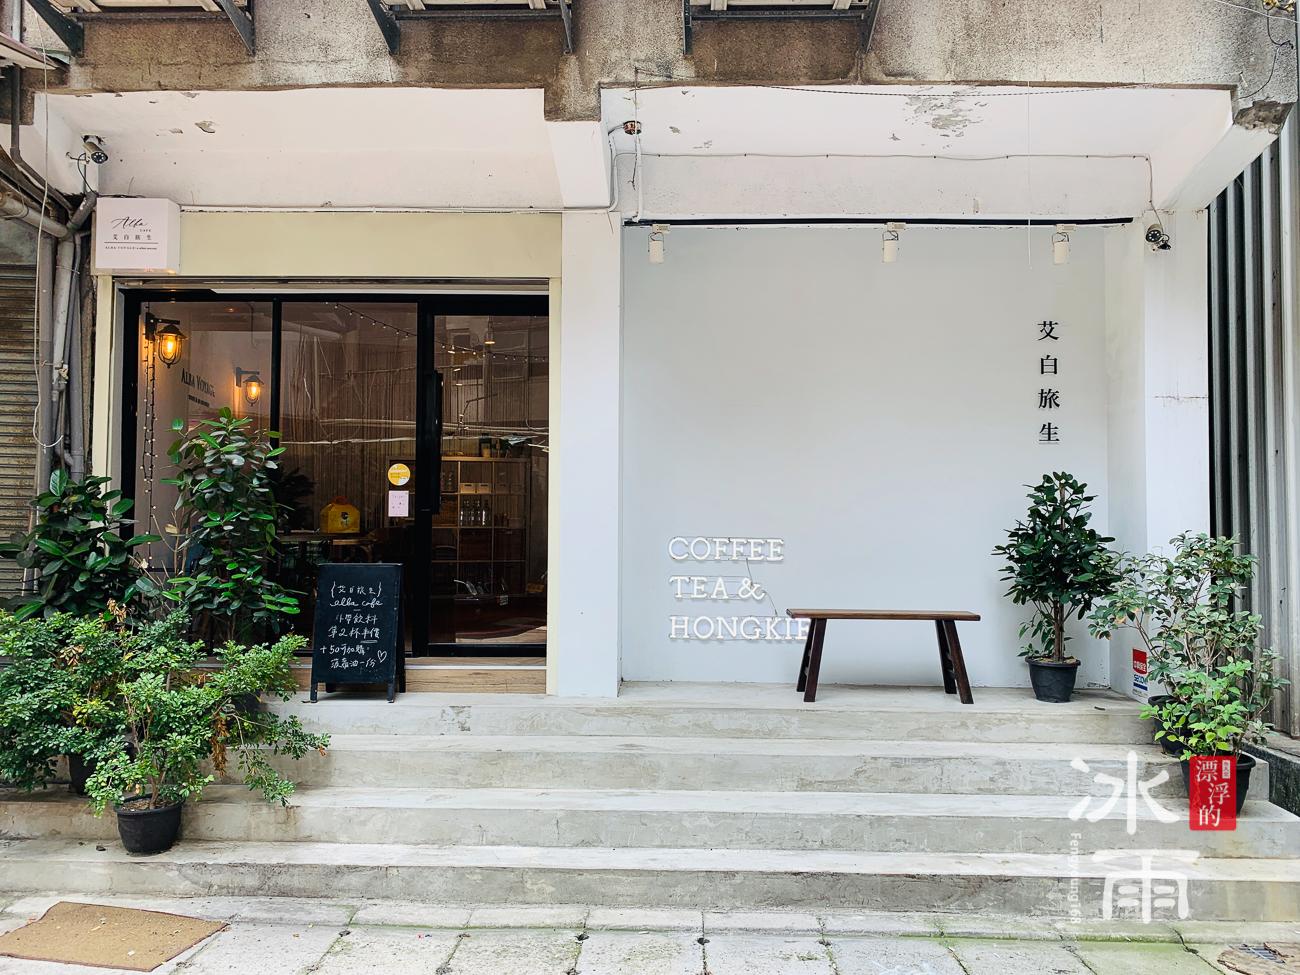 【艾白旅生】2020江子翠咖啡館體驗|菜單|板橋IG景點推薦|港式茶點|網美景點推薦之1